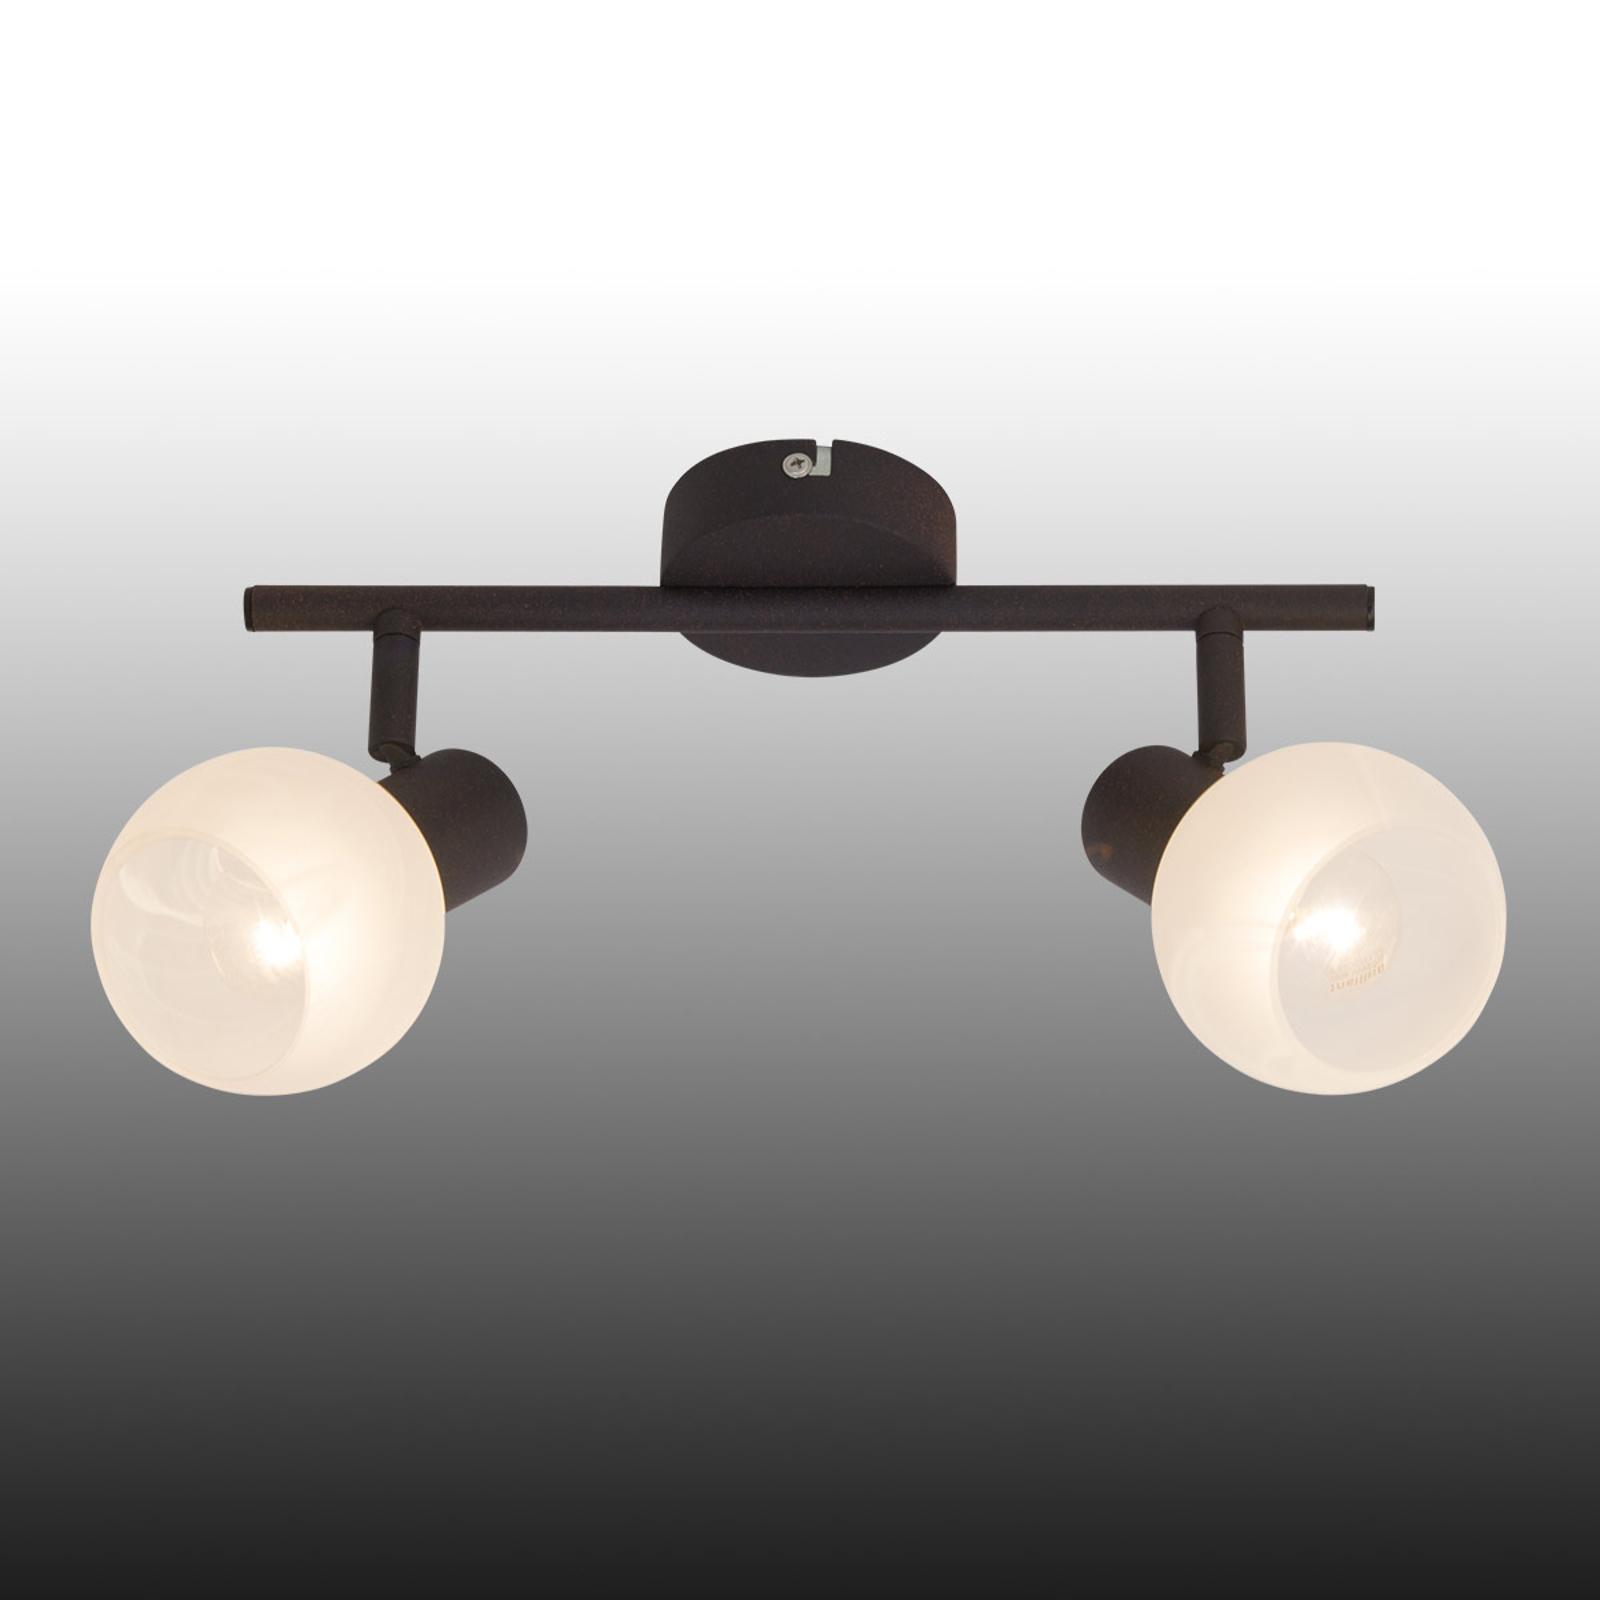 Plafonnier Gabon à 2 lampes, brun et blanc